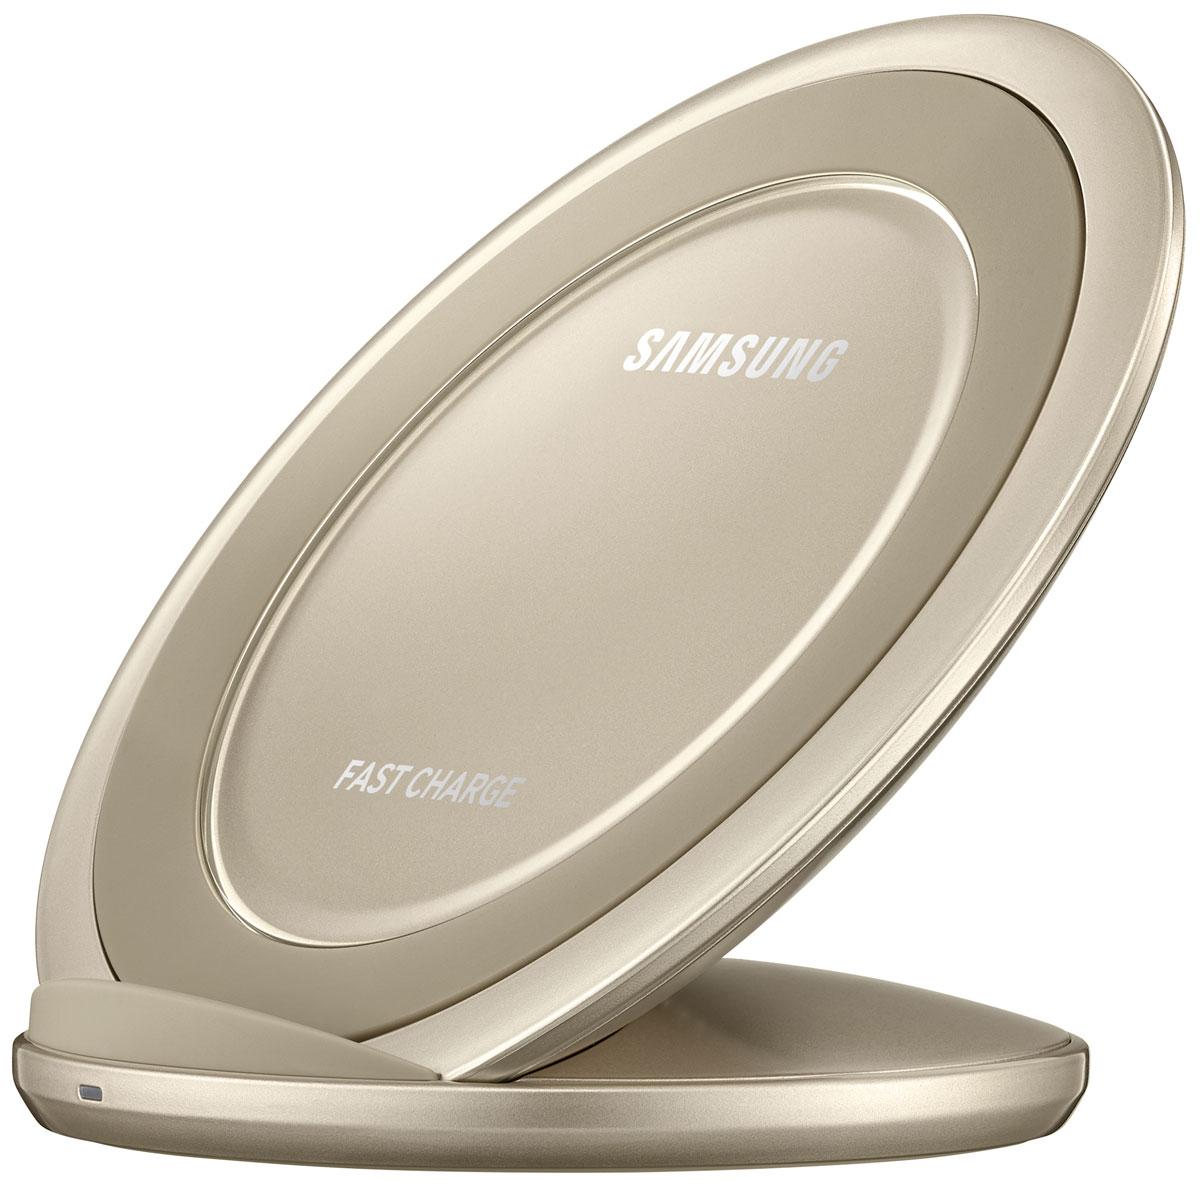 Samsung EP-NG930, Gold беспроводное зарядное устройствоEP-NG930BFRGRUЛегко и быстро зарядить аккумулятор смартфона можно даже без подключения кабеля непосредственно к microUSB-разъёму устройства. Достаточно просто разместить совместимое мобильное устройство на специальной подставке с функцией быстрой зарядки. Во время зарядки вы можете с комфортом продолжать пользоваться всеми функциями смартфона, а благодаря вертикальной подставке вы не пропустите ни одного уведомления или сообщения. Данное зарядное устройство идеально подходит для просмотра мультимедийных файлов, так как беспроводная зарядка поддерживается и в вертикальном и в горизонтальном положениях смартфона.